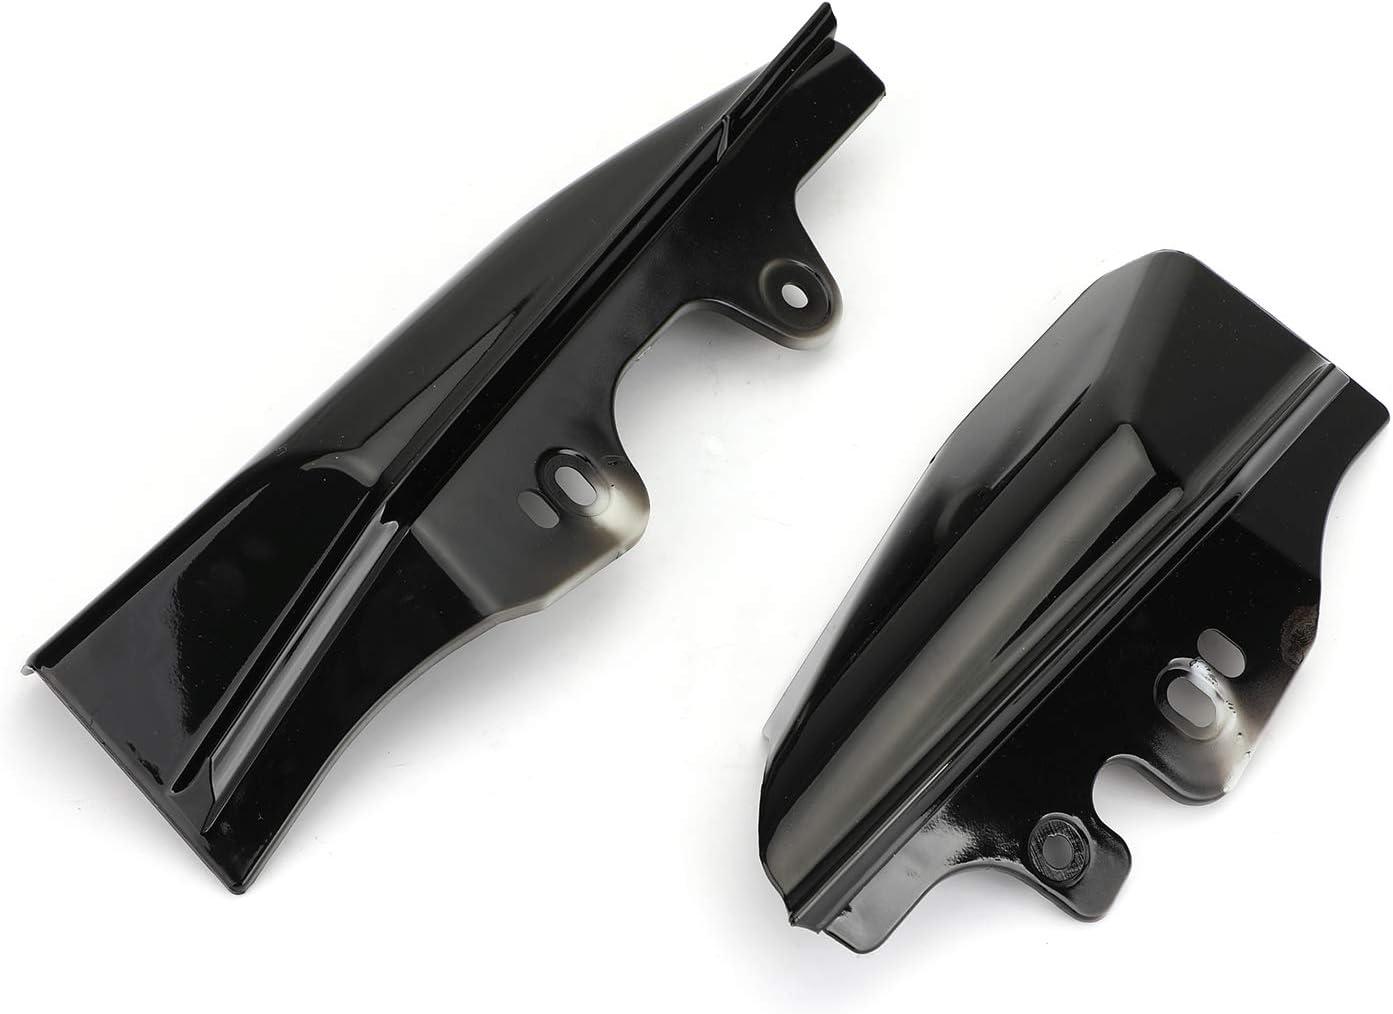 Artudatech Deflector de calor de aire para motocicleta Deflector de calor de aire para motocicleta Harley Touring modelos 2001-2008